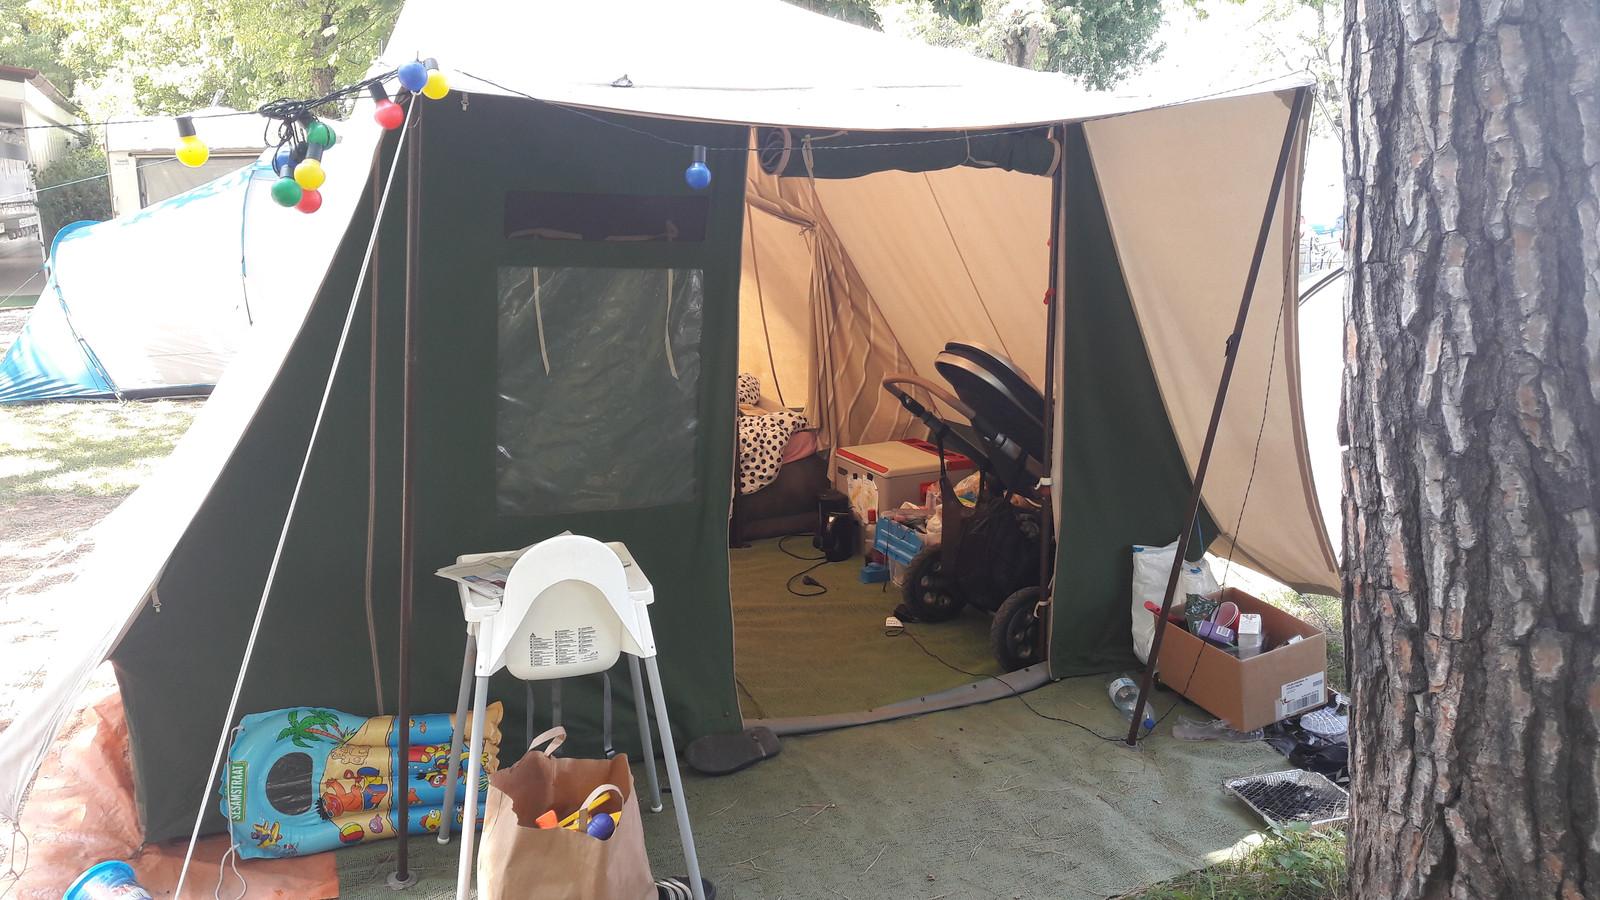 Camping De Waard.De Waard Tenten In Doetinchemse Handen Foto Gelderlander Nl